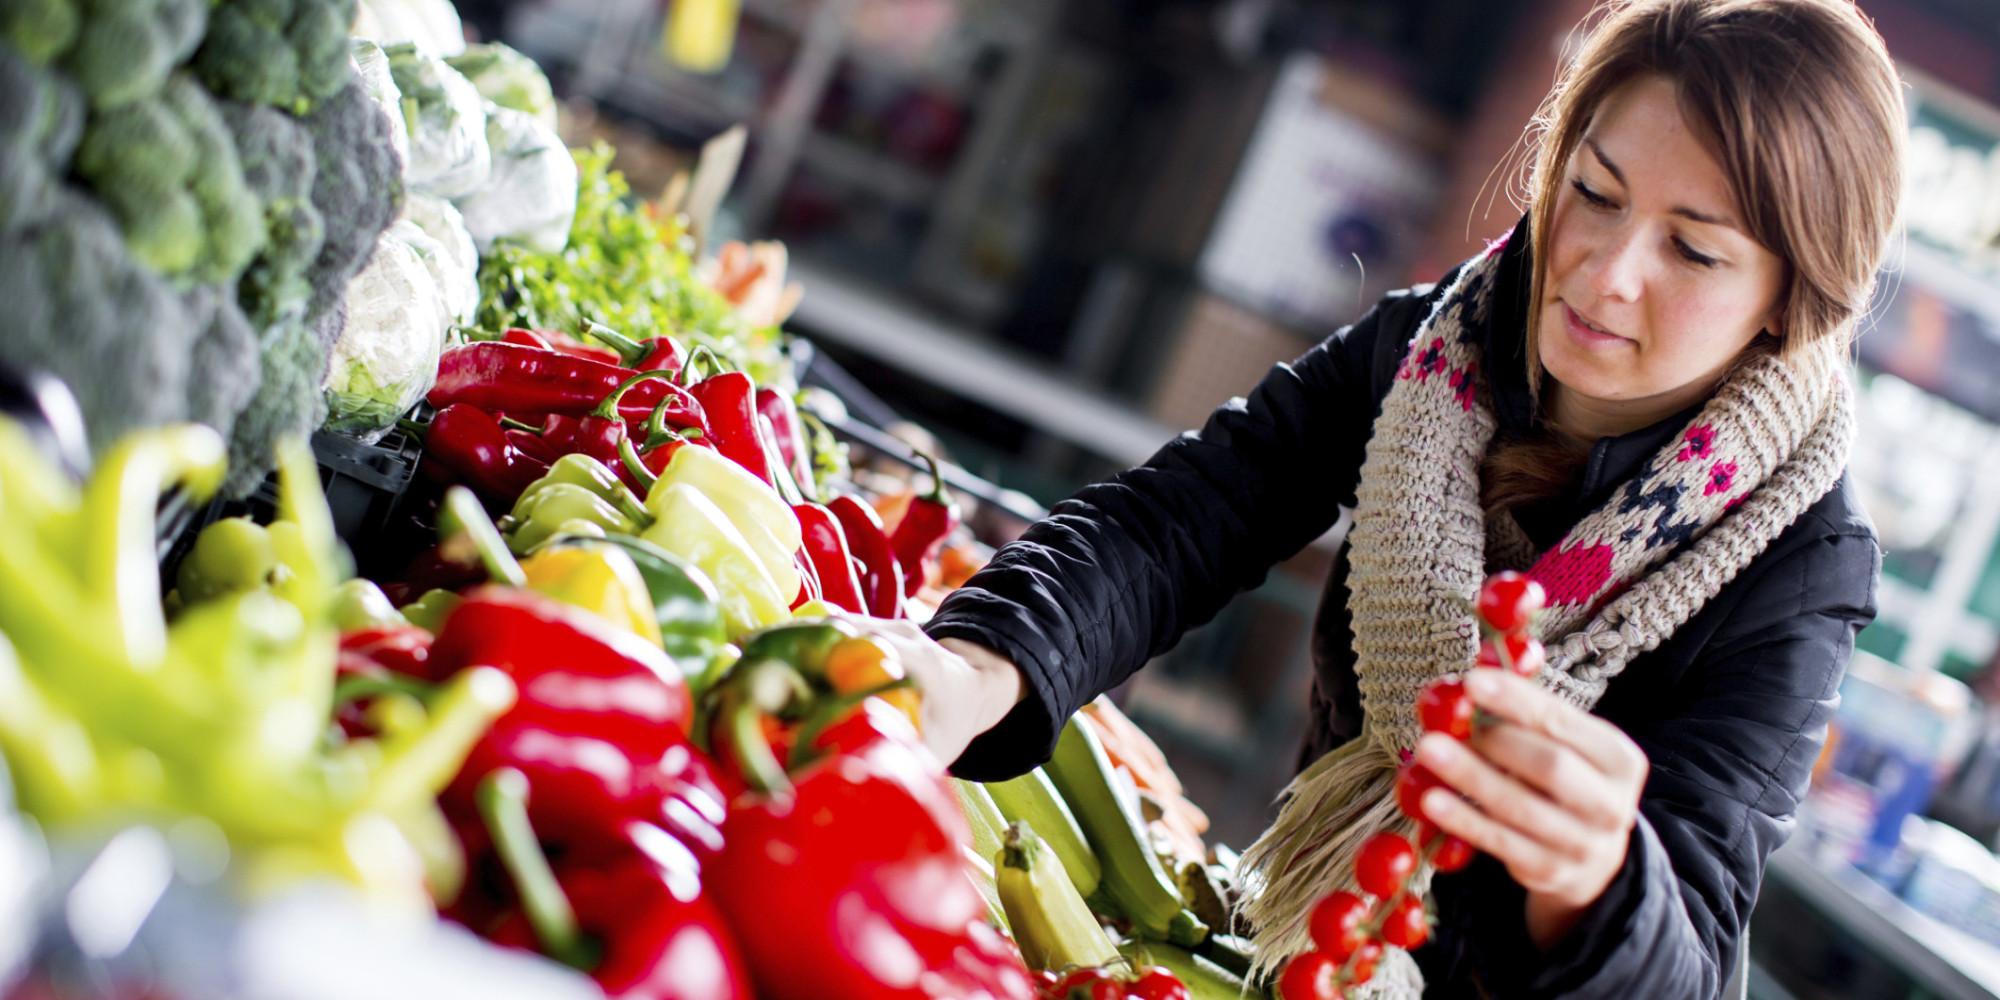 10 Hausmittel gegen Husten, Blasenentzündung und andere Krankheiten